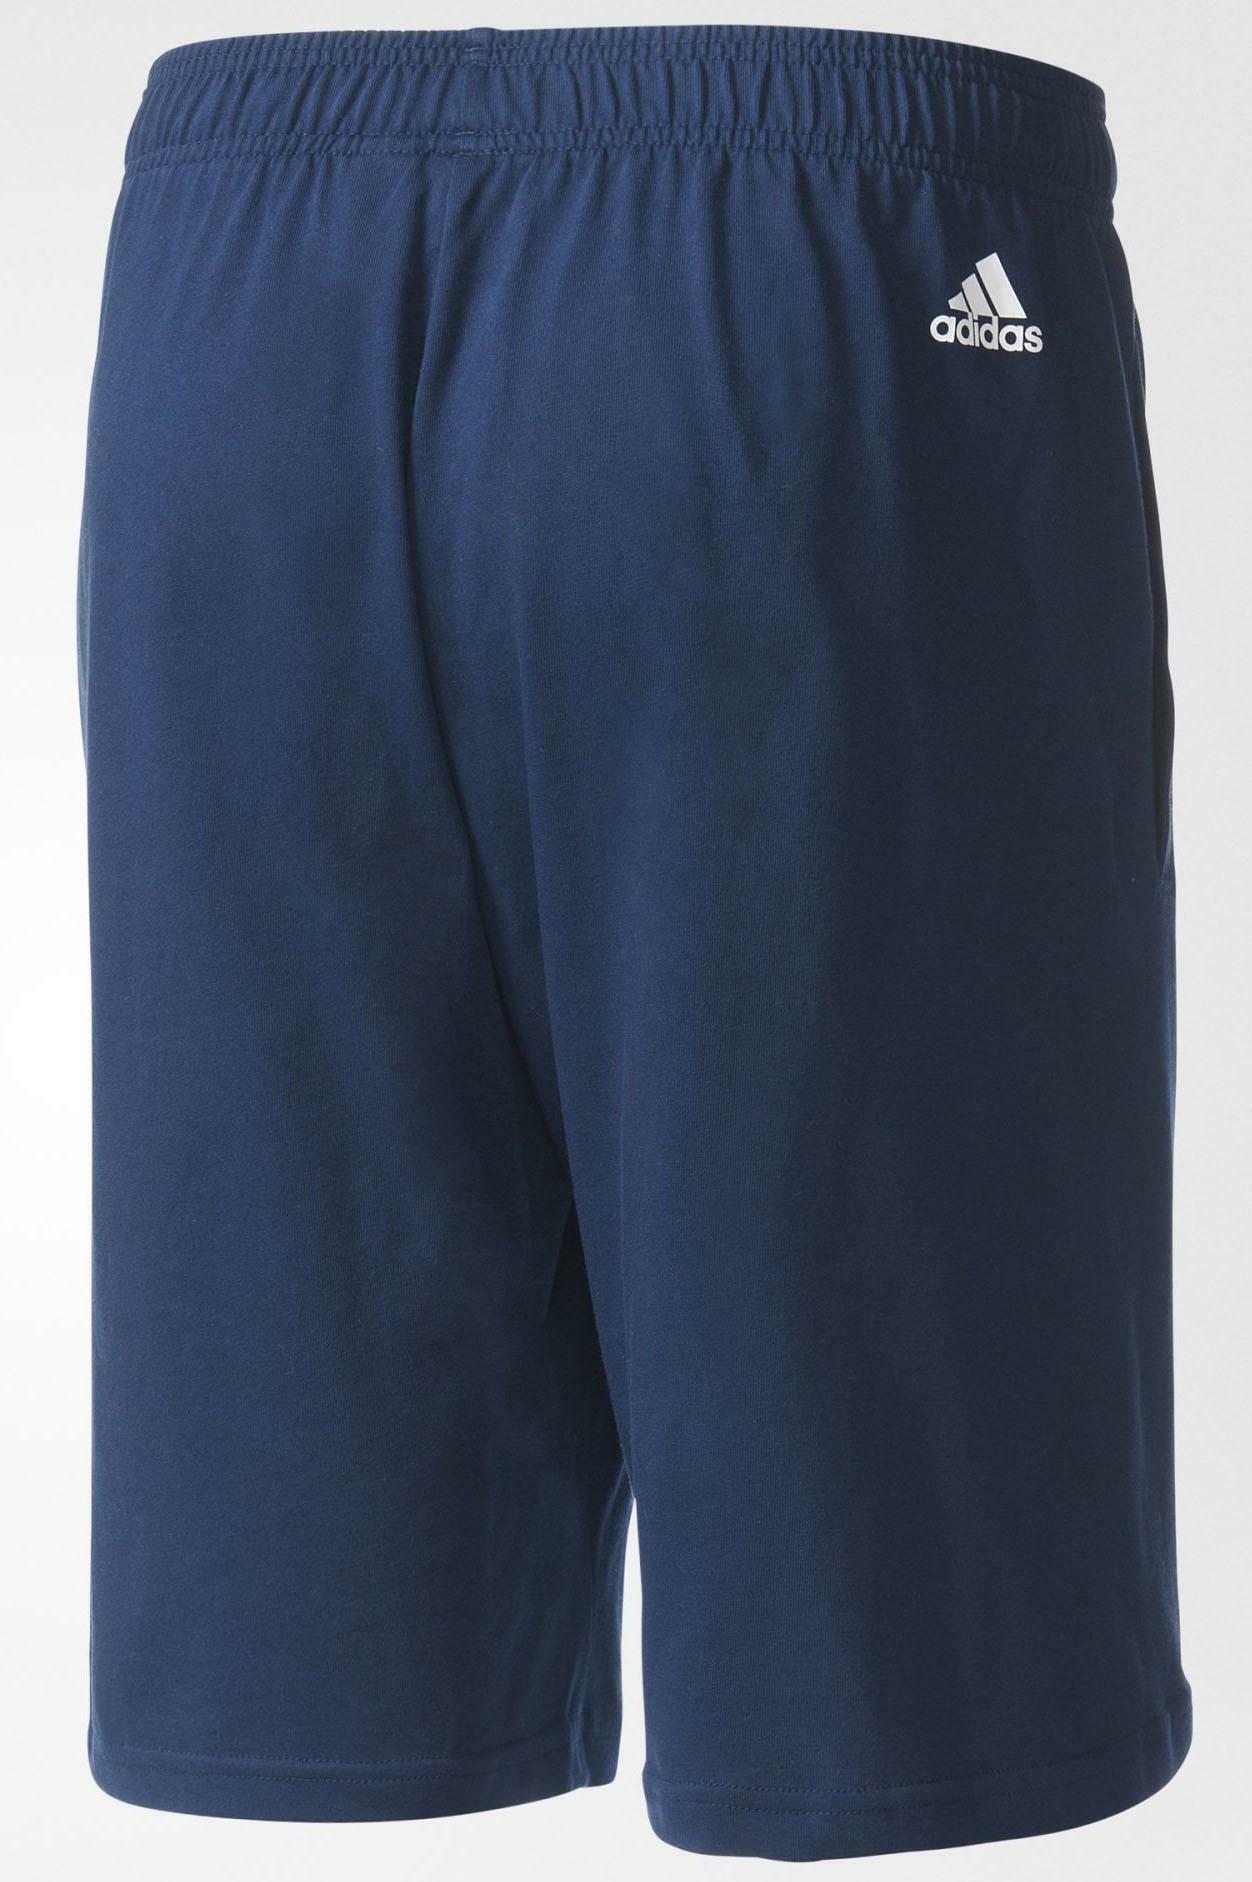 adidas adidas ess lin pantaloncini uomo blu bs5028